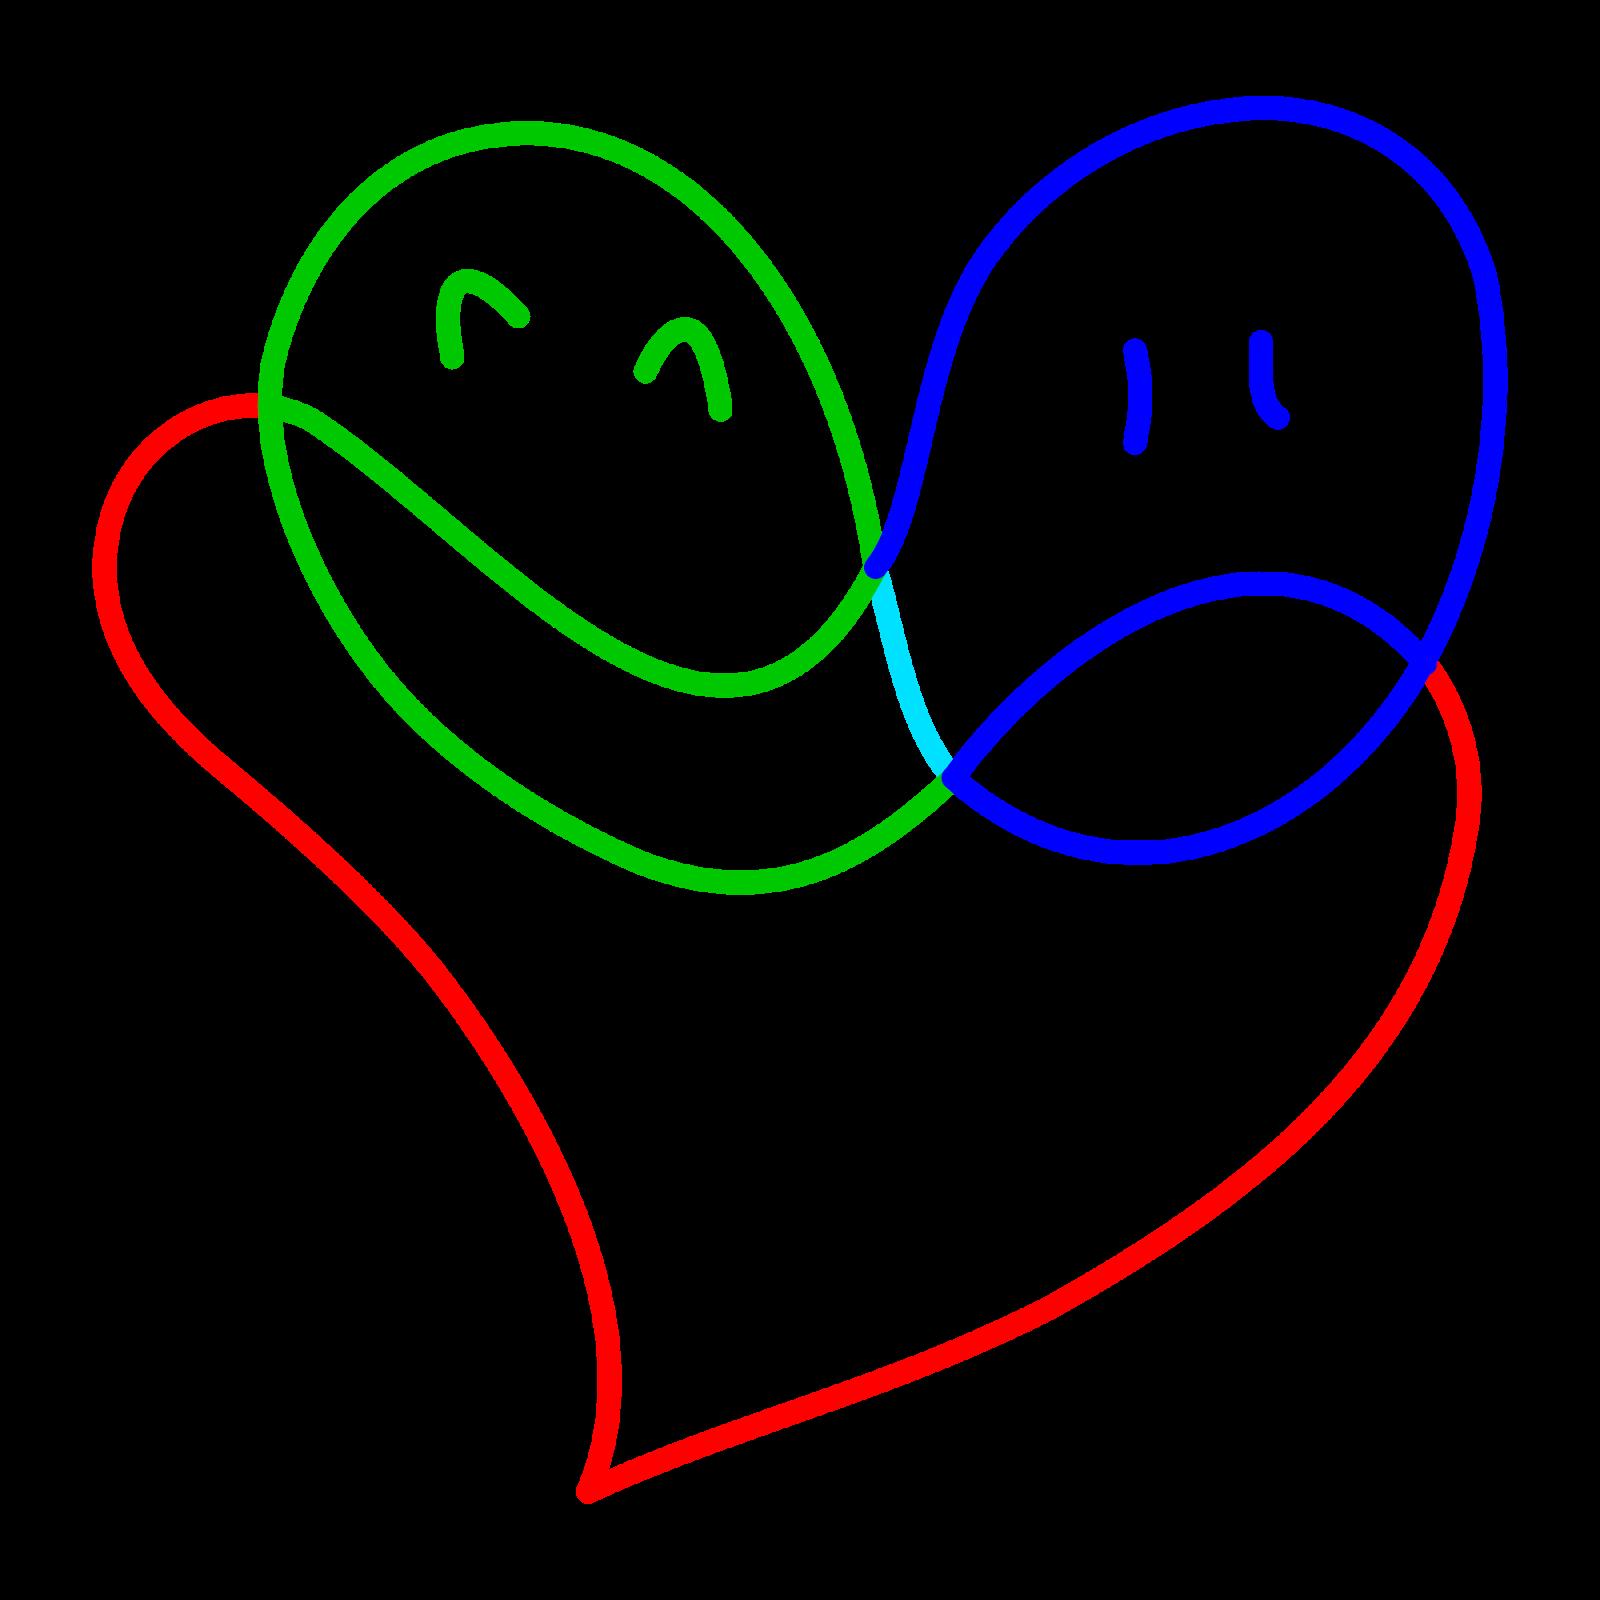 Zo ivota na slovensku marca 2017 symbol by nemal ma presn predpsan formu podobne ako naprklad anglick ampersand v kadom fonte vyzer mierne odline odporam dodra len tri buycottarizona Image collections